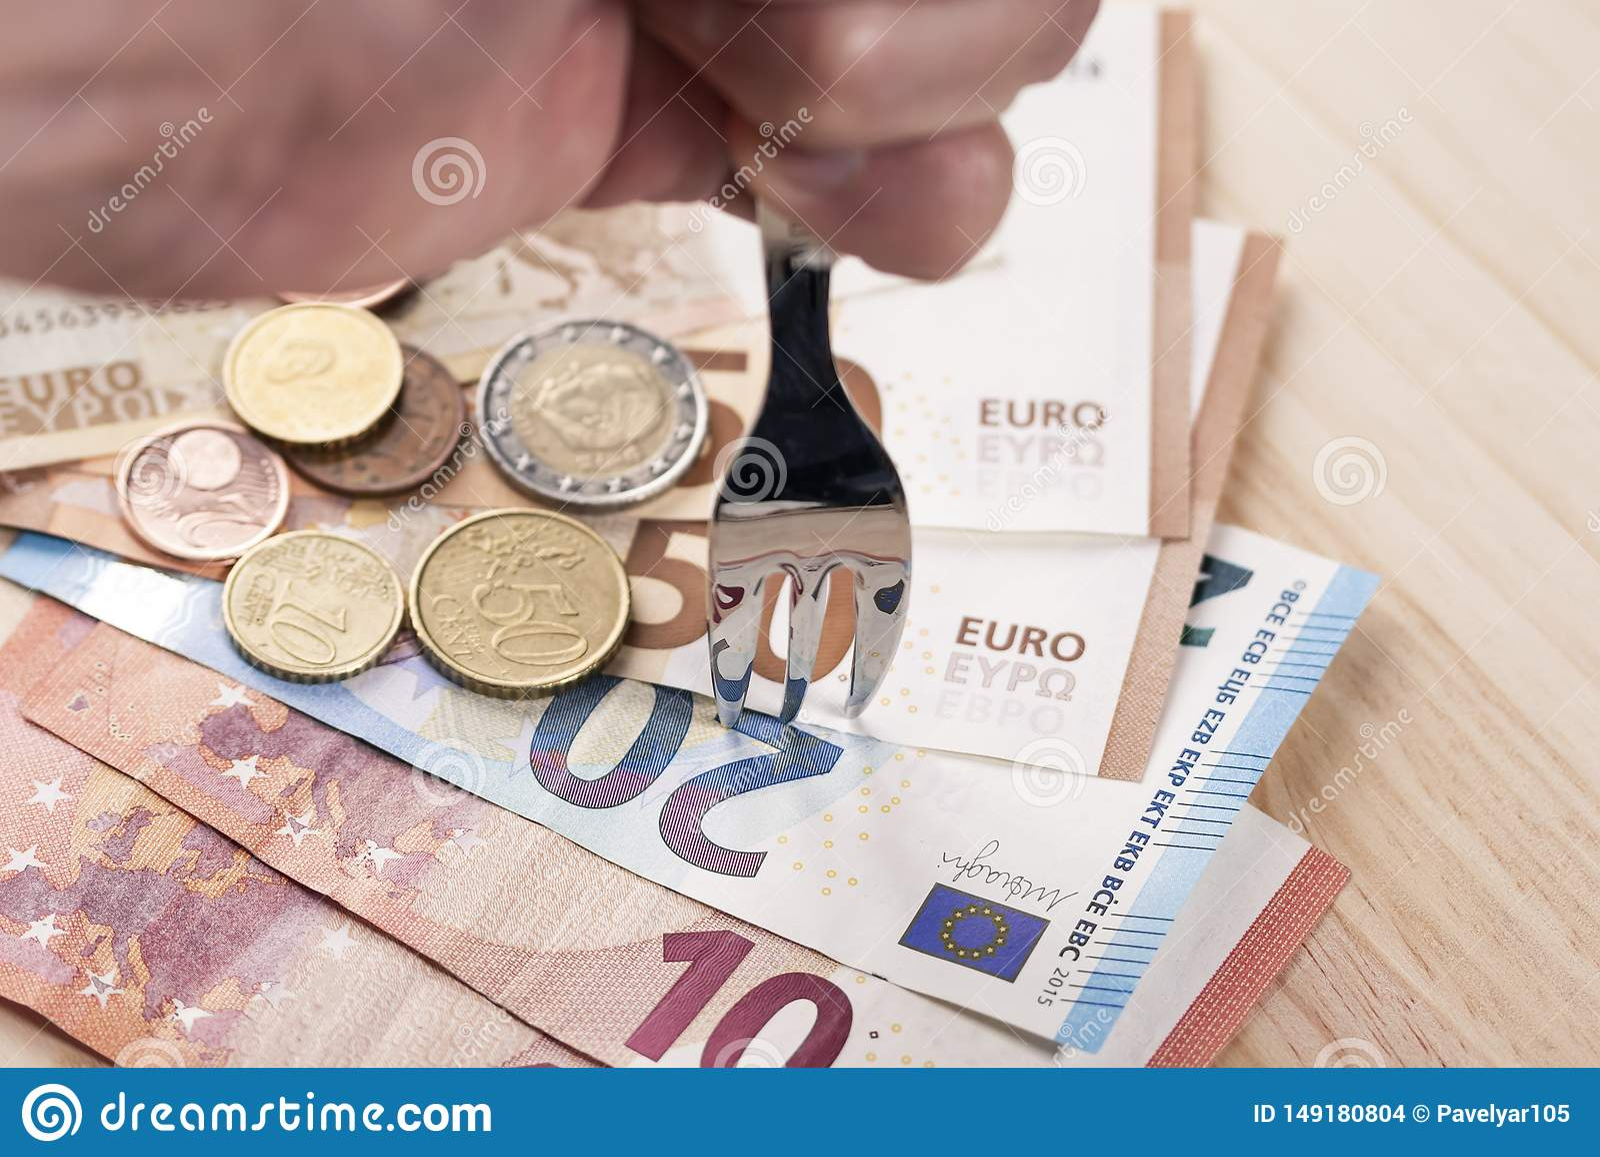 En hand med en skinande metallisk gaffel slår en hög av sedlar och euromynt